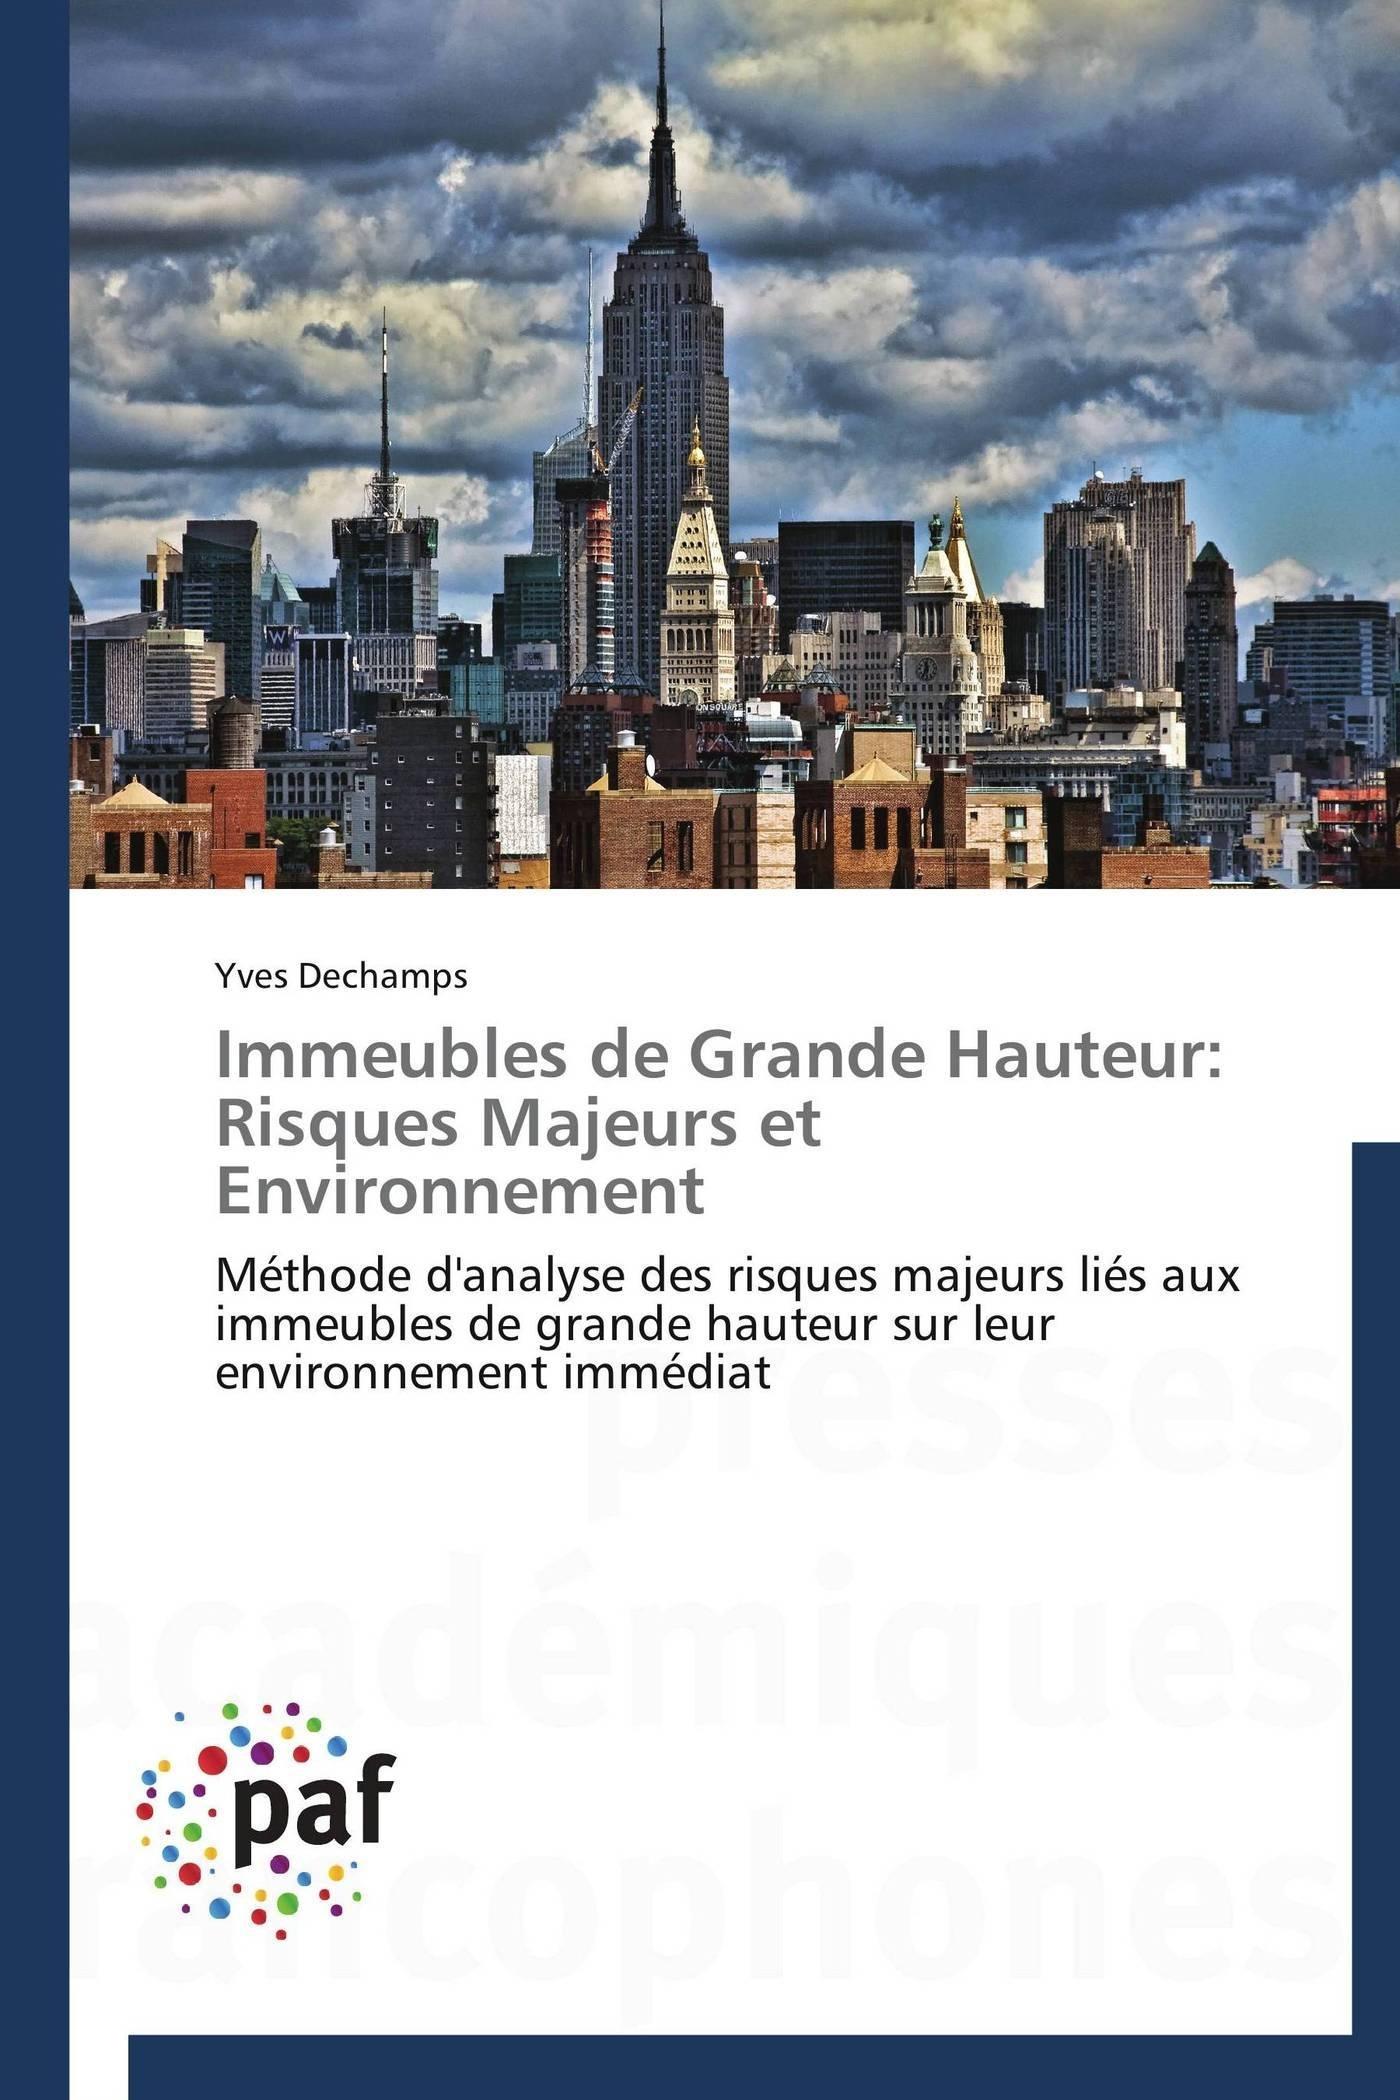 IMMEUBLES DE GRANDE HAUTEUR: RISQUES MAJEURS ET ENVIRONNEMENT